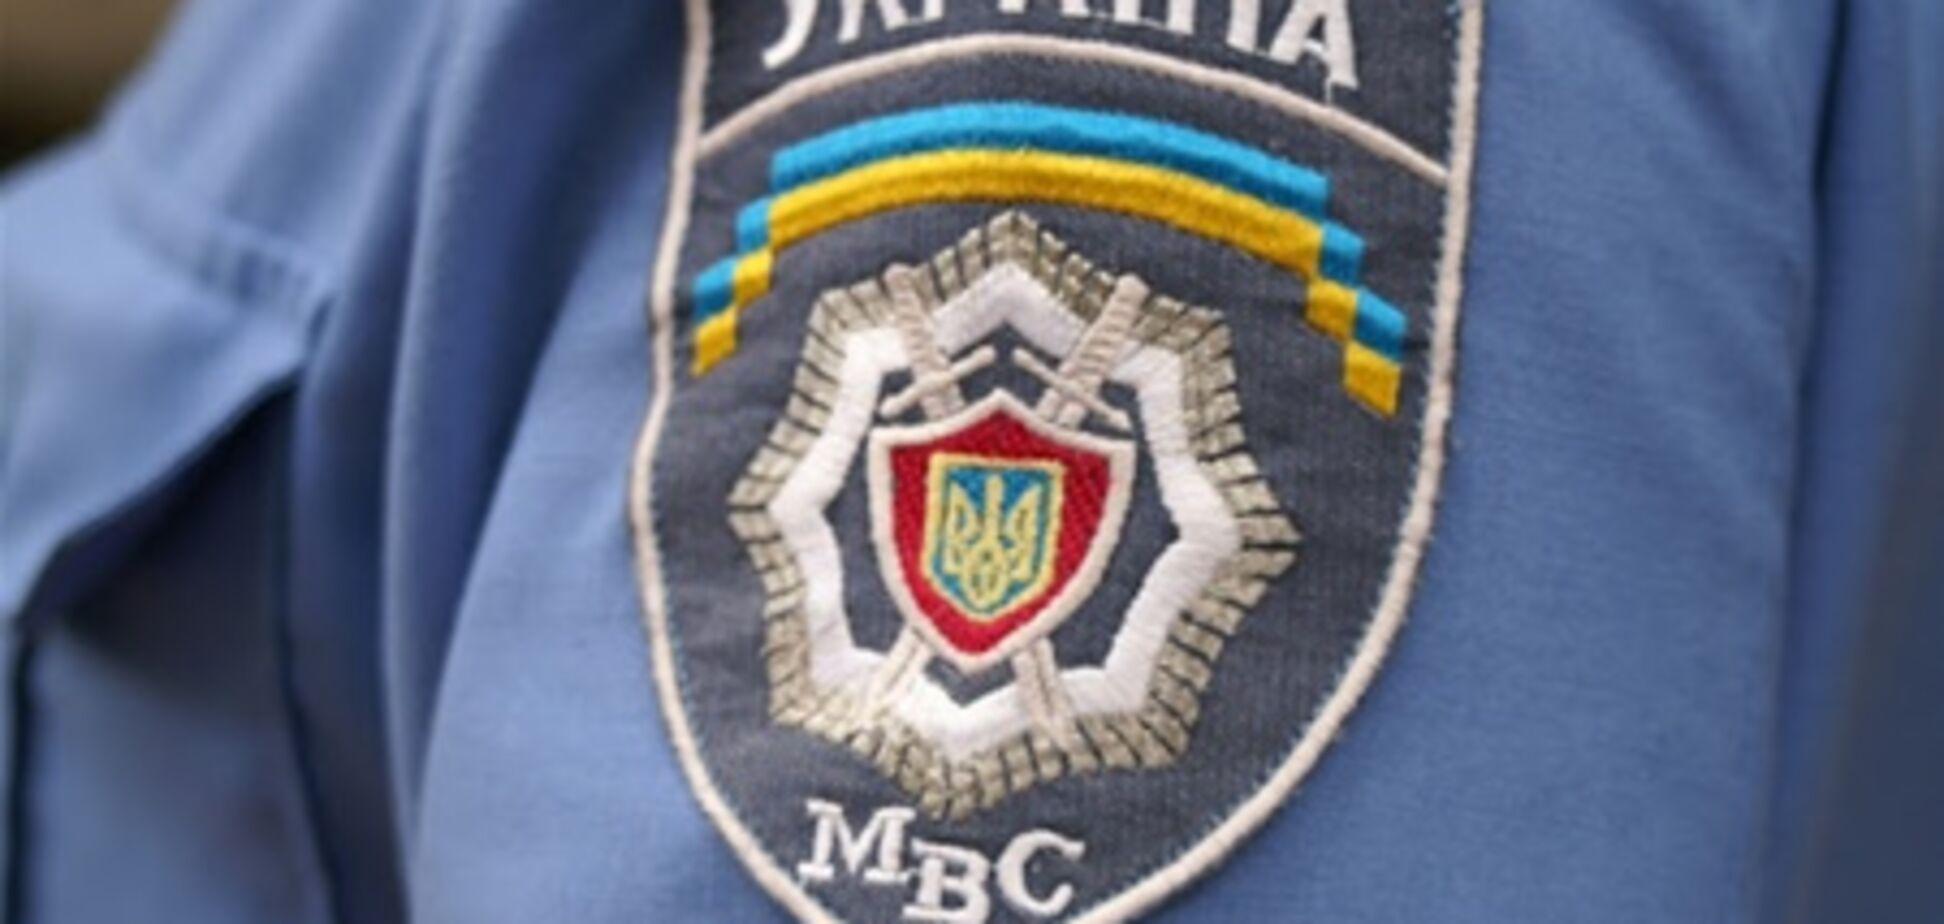 Пропавший в Крыму ивуарийский футболист найден в Черновцах